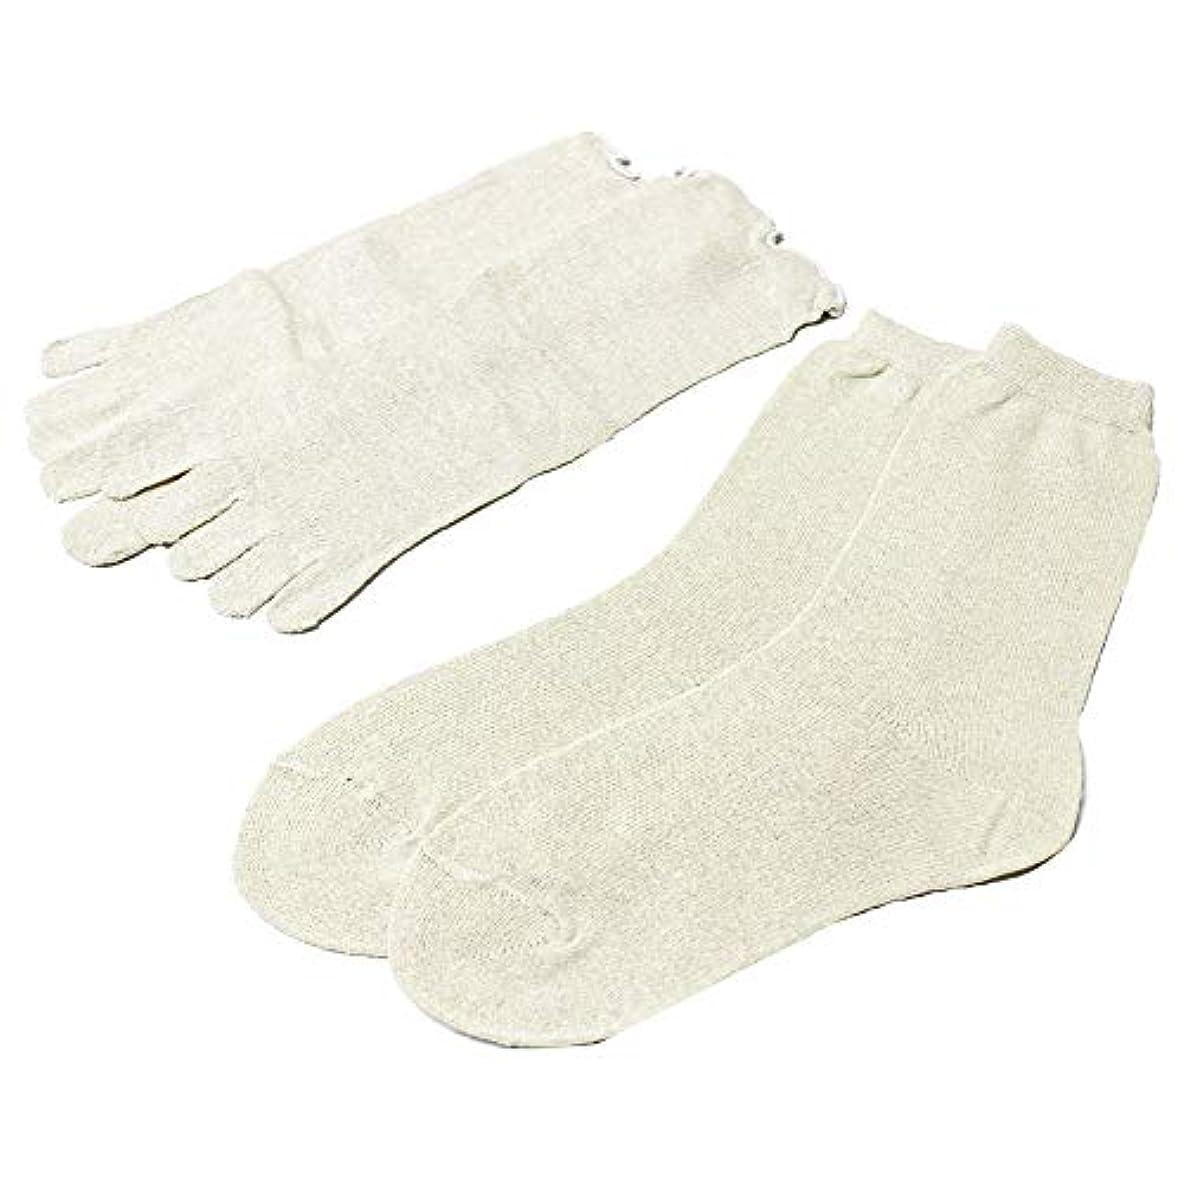 フラッシュのように素早くすみませんチラチラするひえとり靴下 シルク 冷え取り靴下 シルク 重ね履き インナーソックス 5本指 くつした